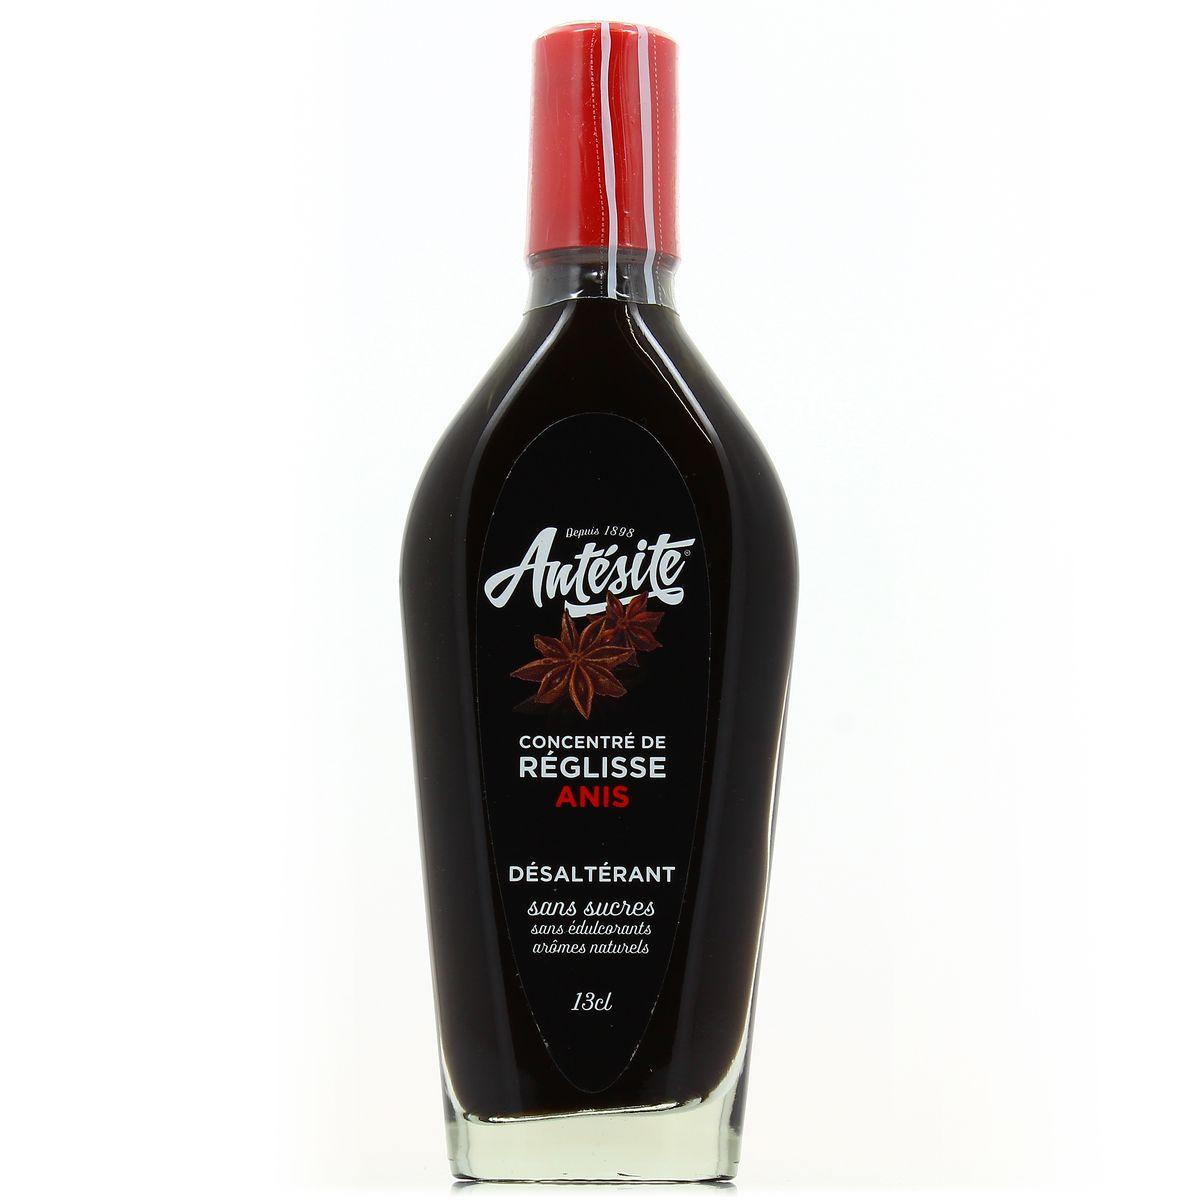 Concentré de réglisse saveur anis, Antésite (13 cl)